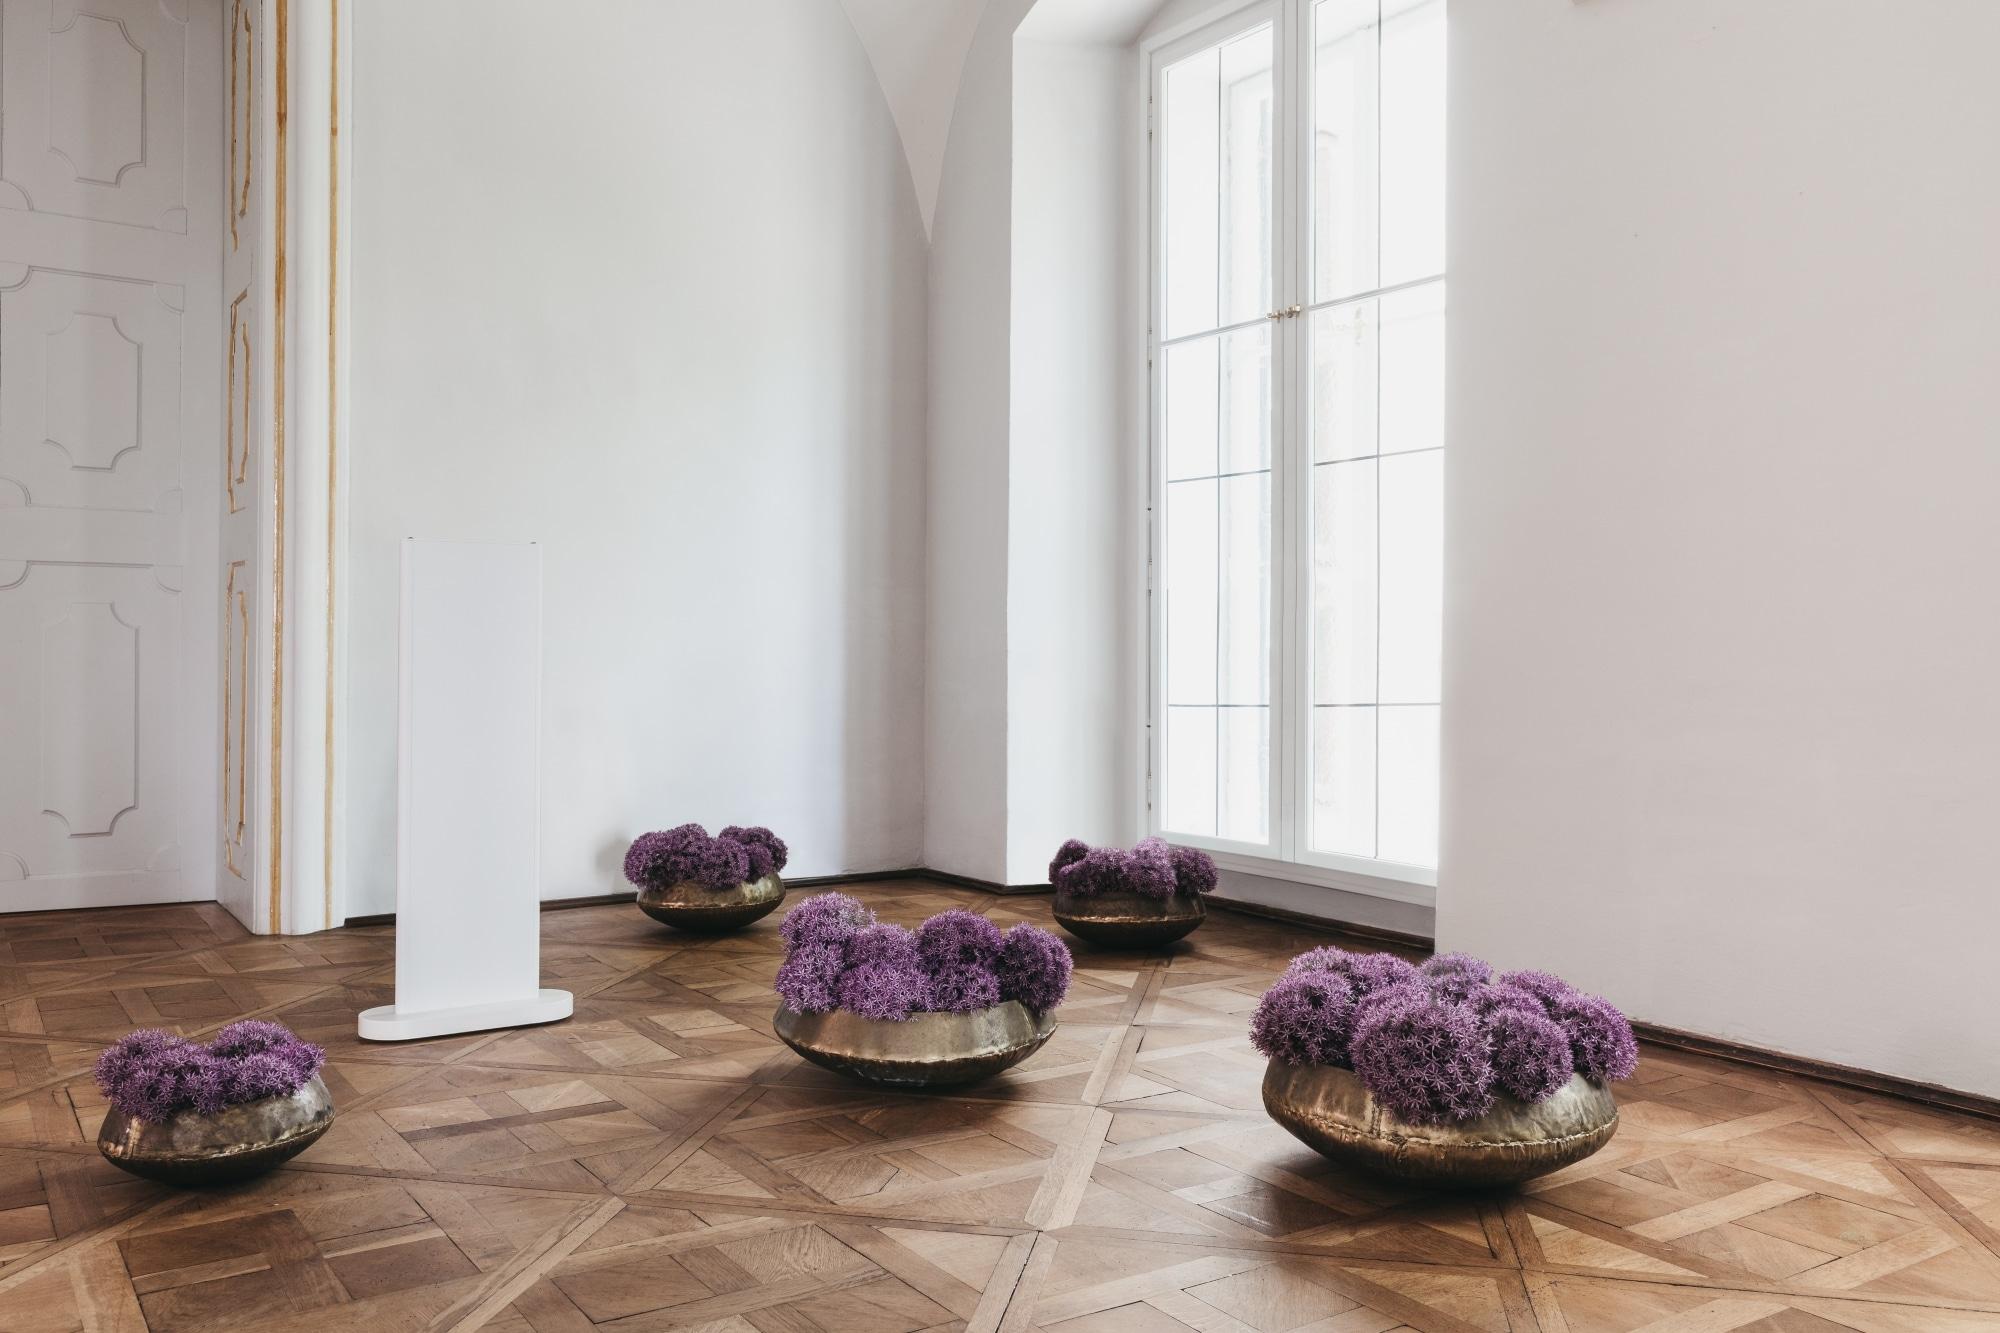 Die Redwell-Nr. 1 ist eine moderne weiße Infrarotheizung, die inmitten vom Blumendeko in einem großen Saal mit hohen, weißen Wänden steht.